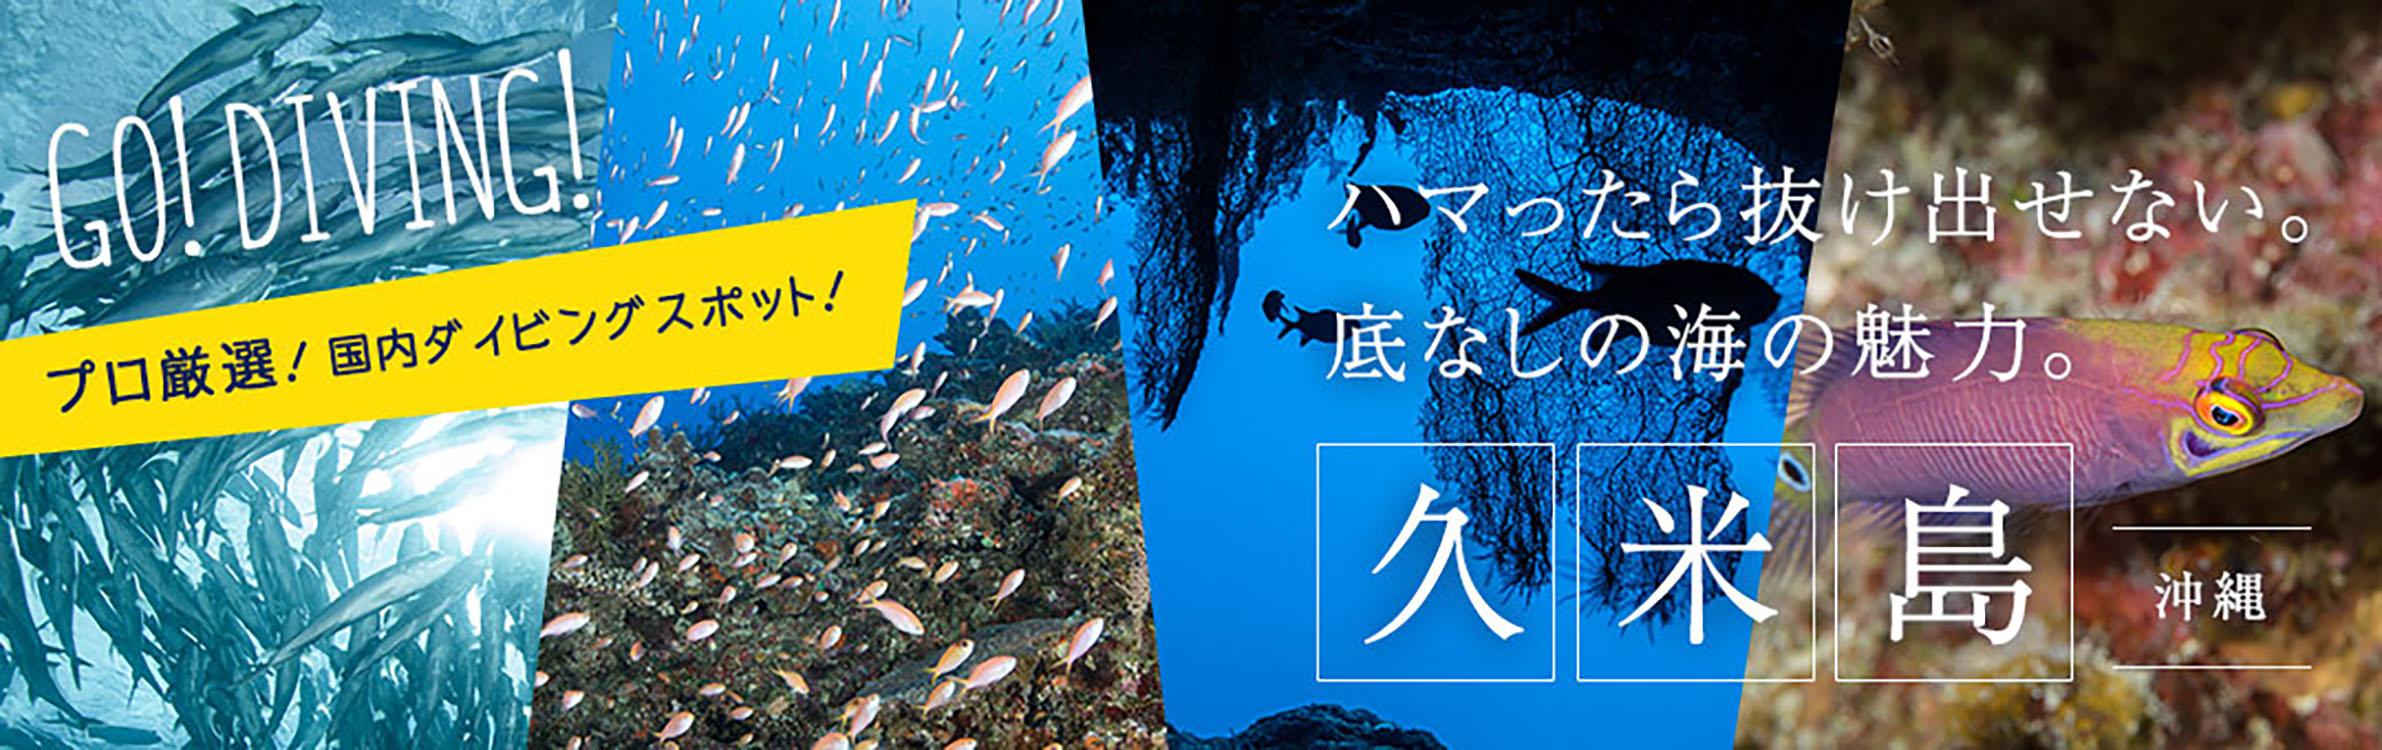 久米島ダイビング情報